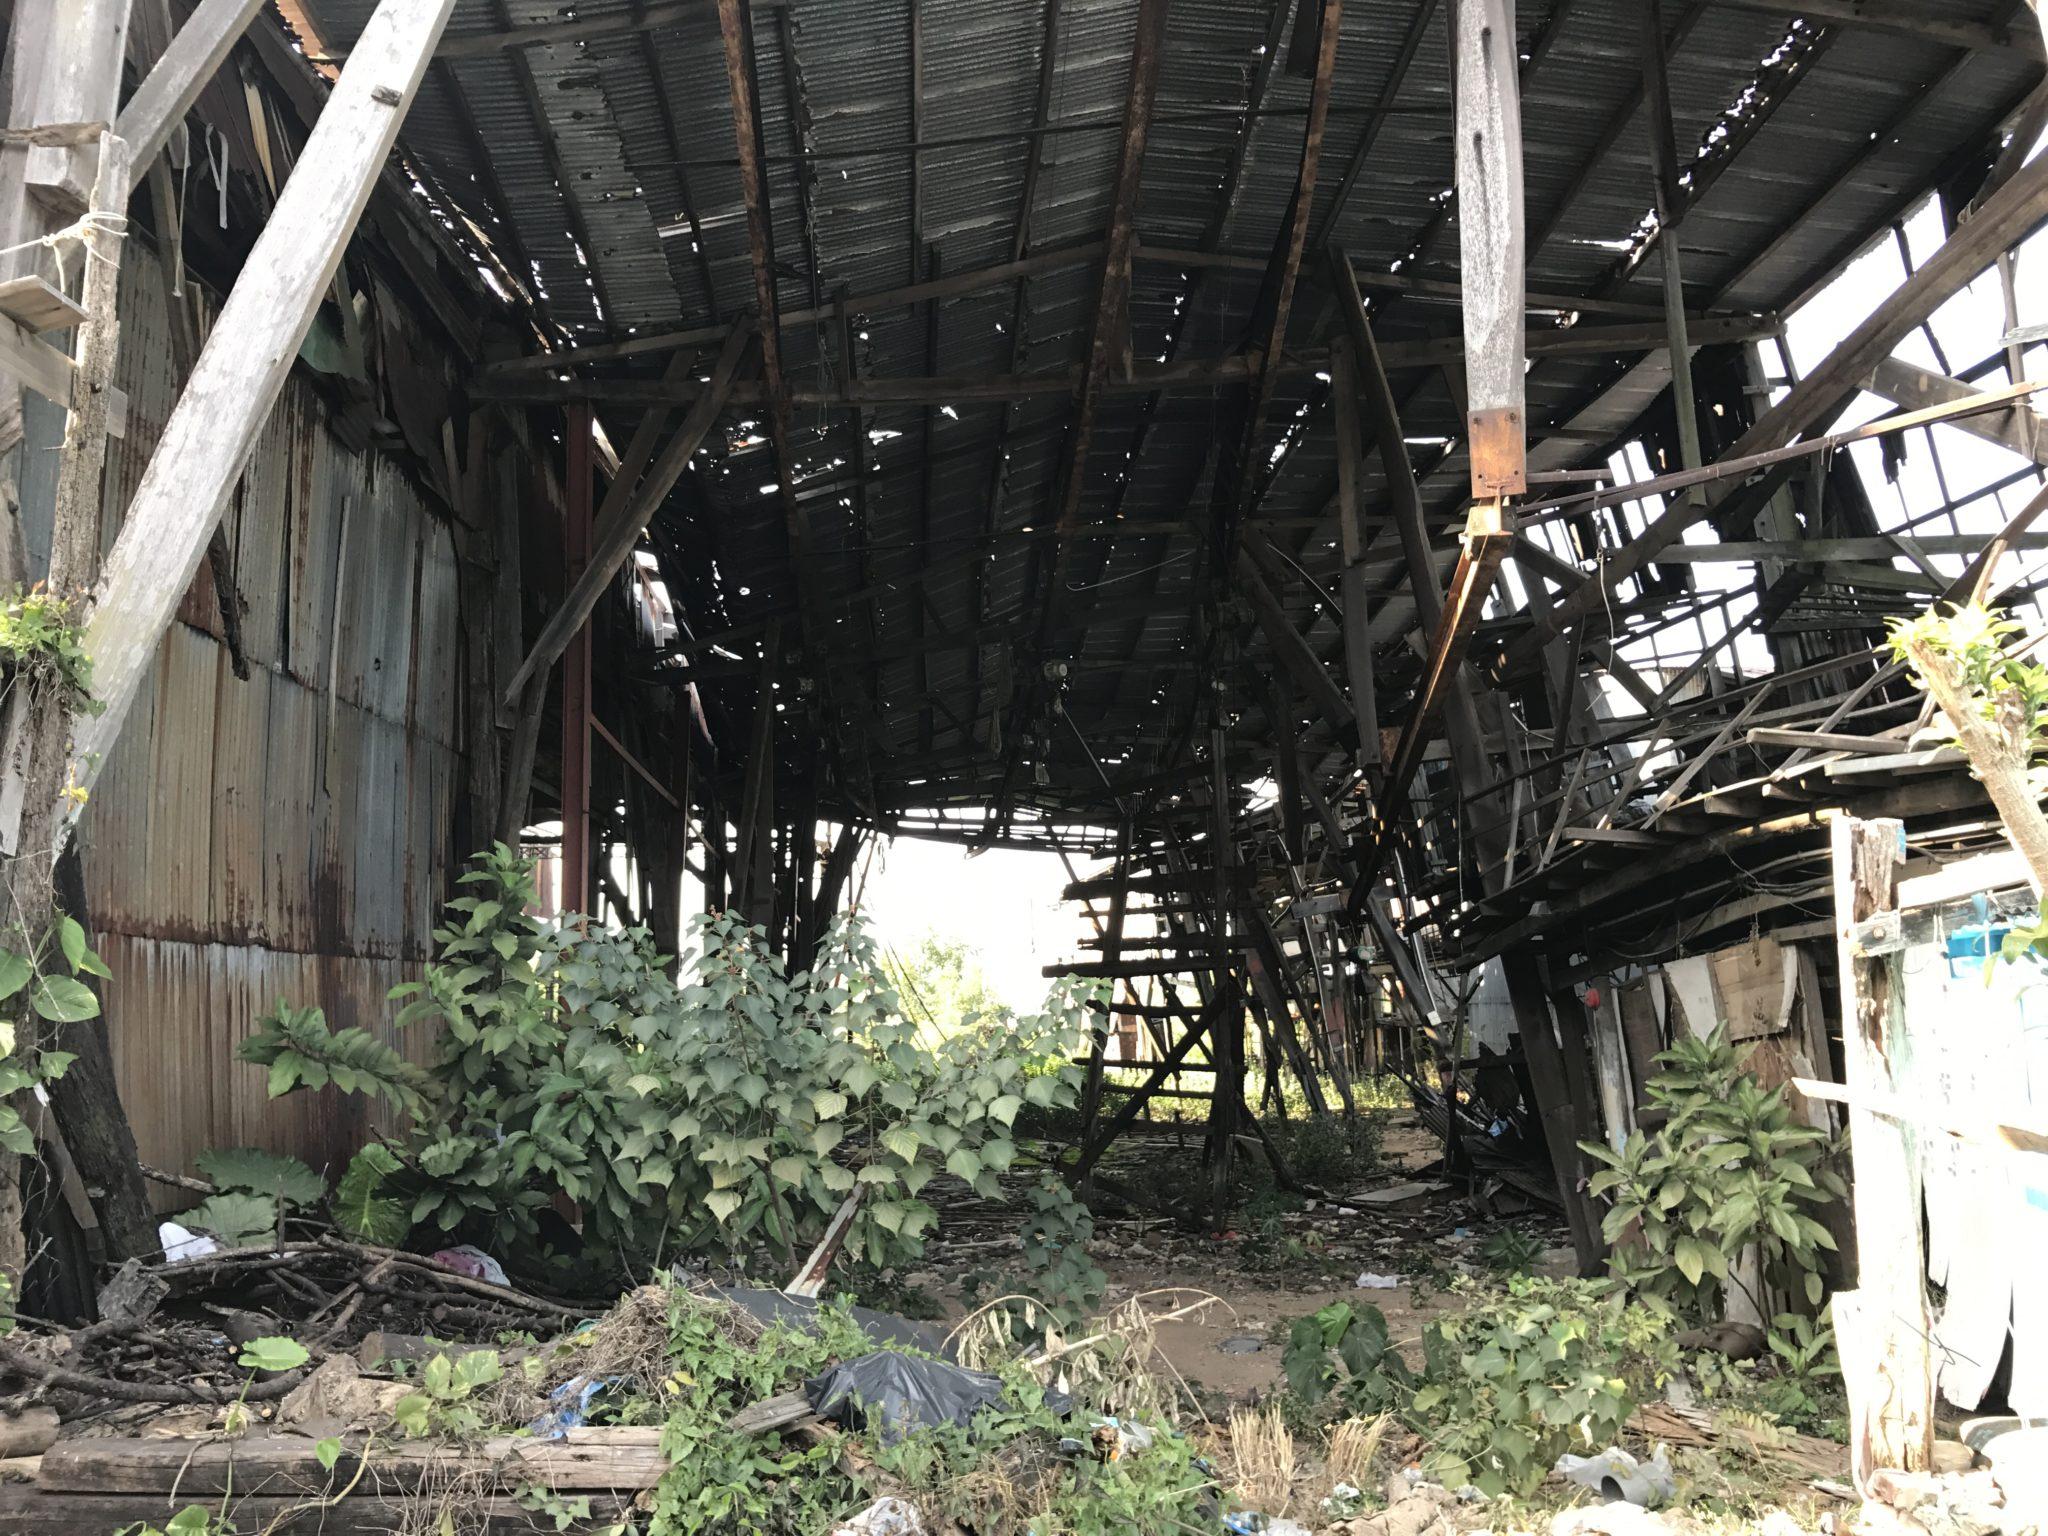 Arquitectos defendem museu para recuperar estaleirosde Lai Chi Vun